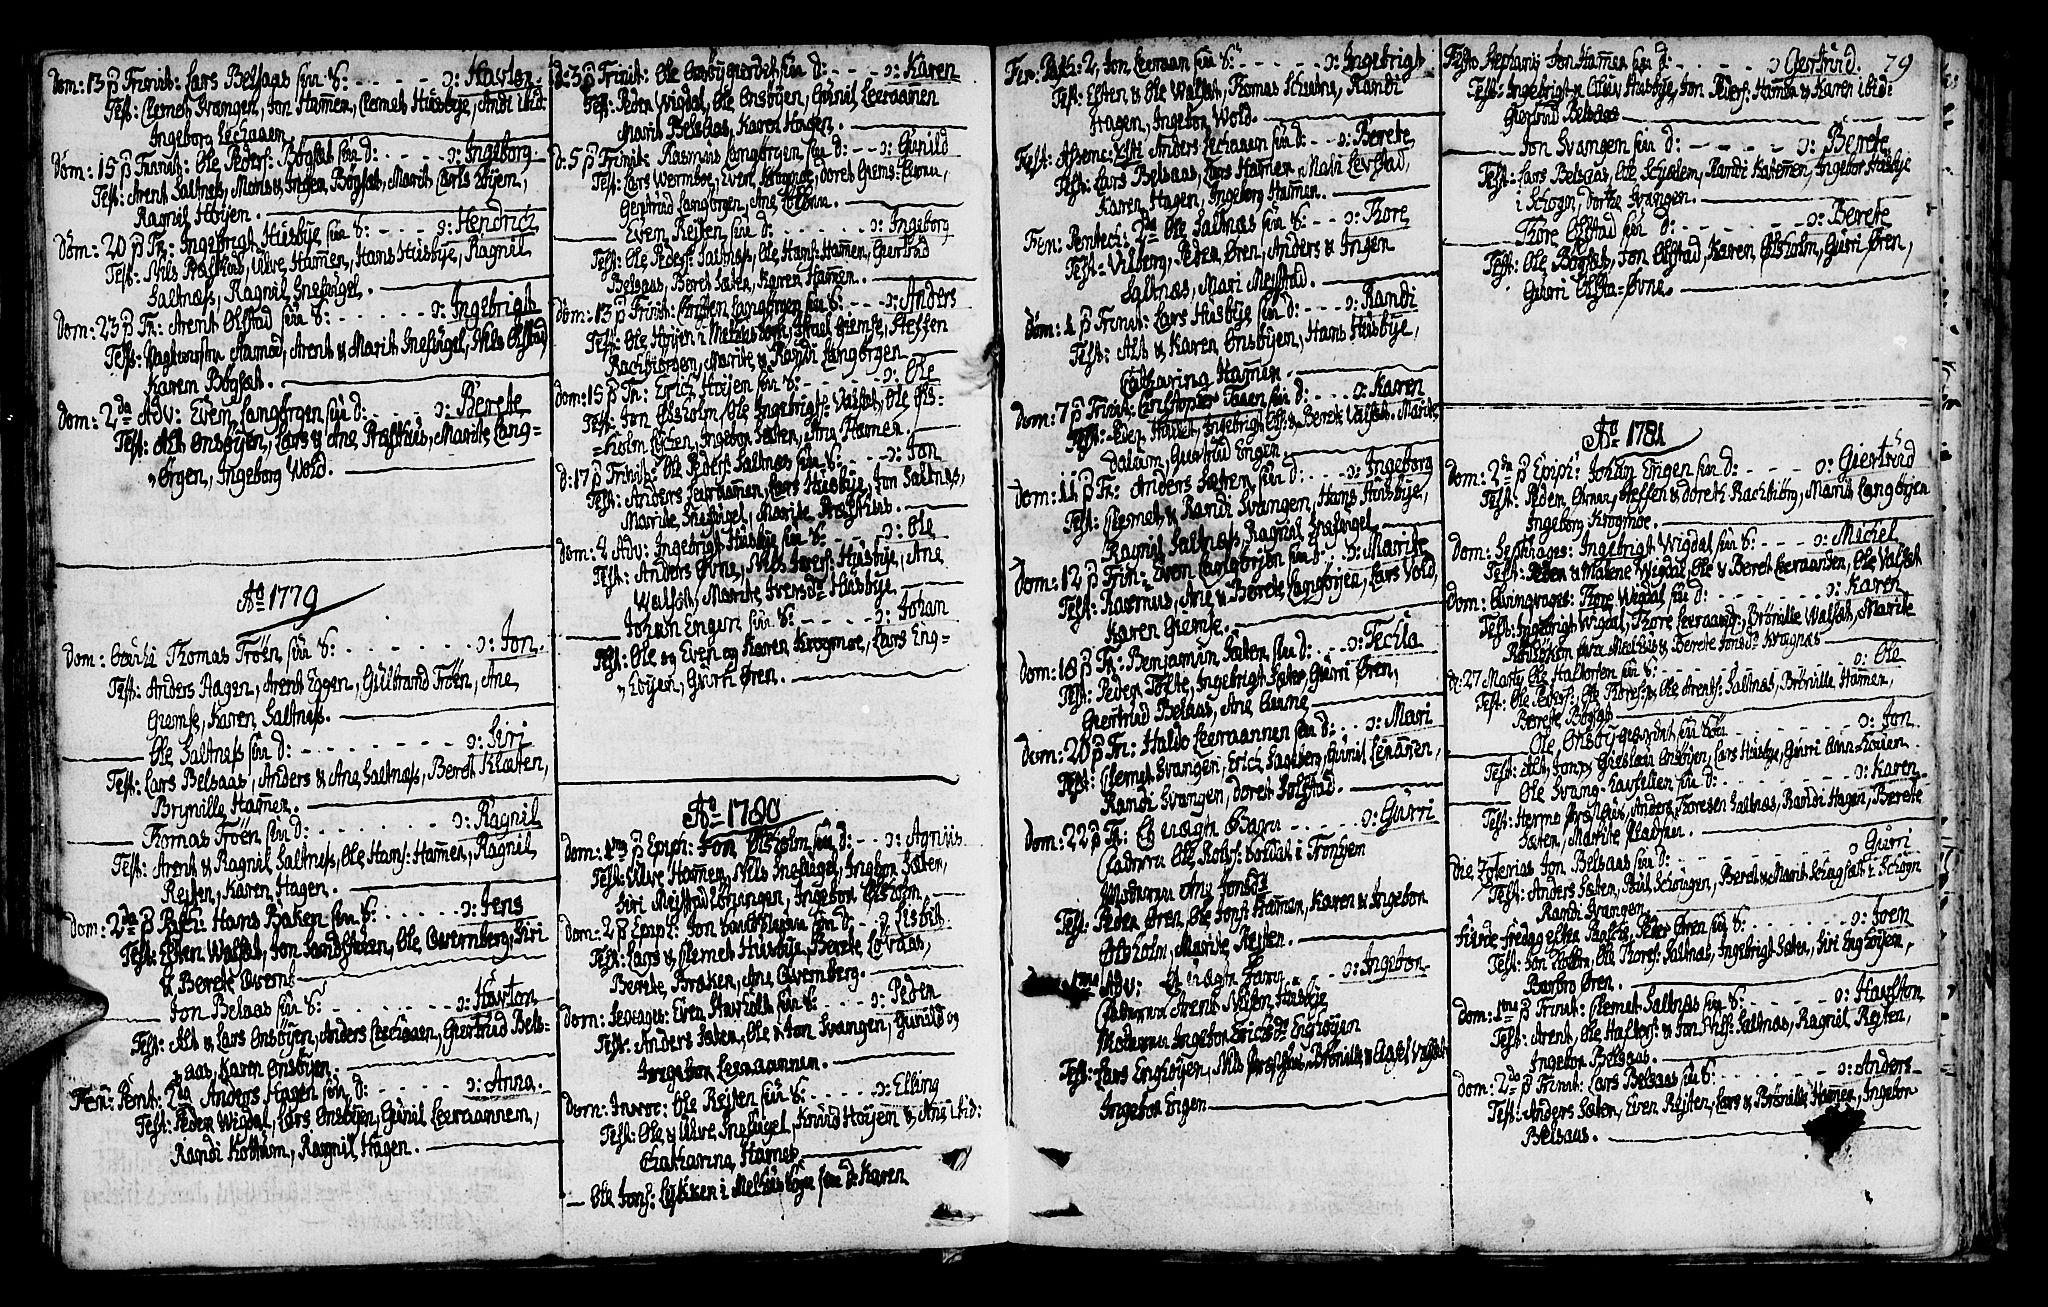 SAT, Ministerialprotokoller, klokkerbøker og fødselsregistre - Sør-Trøndelag, 666/L0784: Ministerialbok nr. 666A02, 1754-1802, s. 79